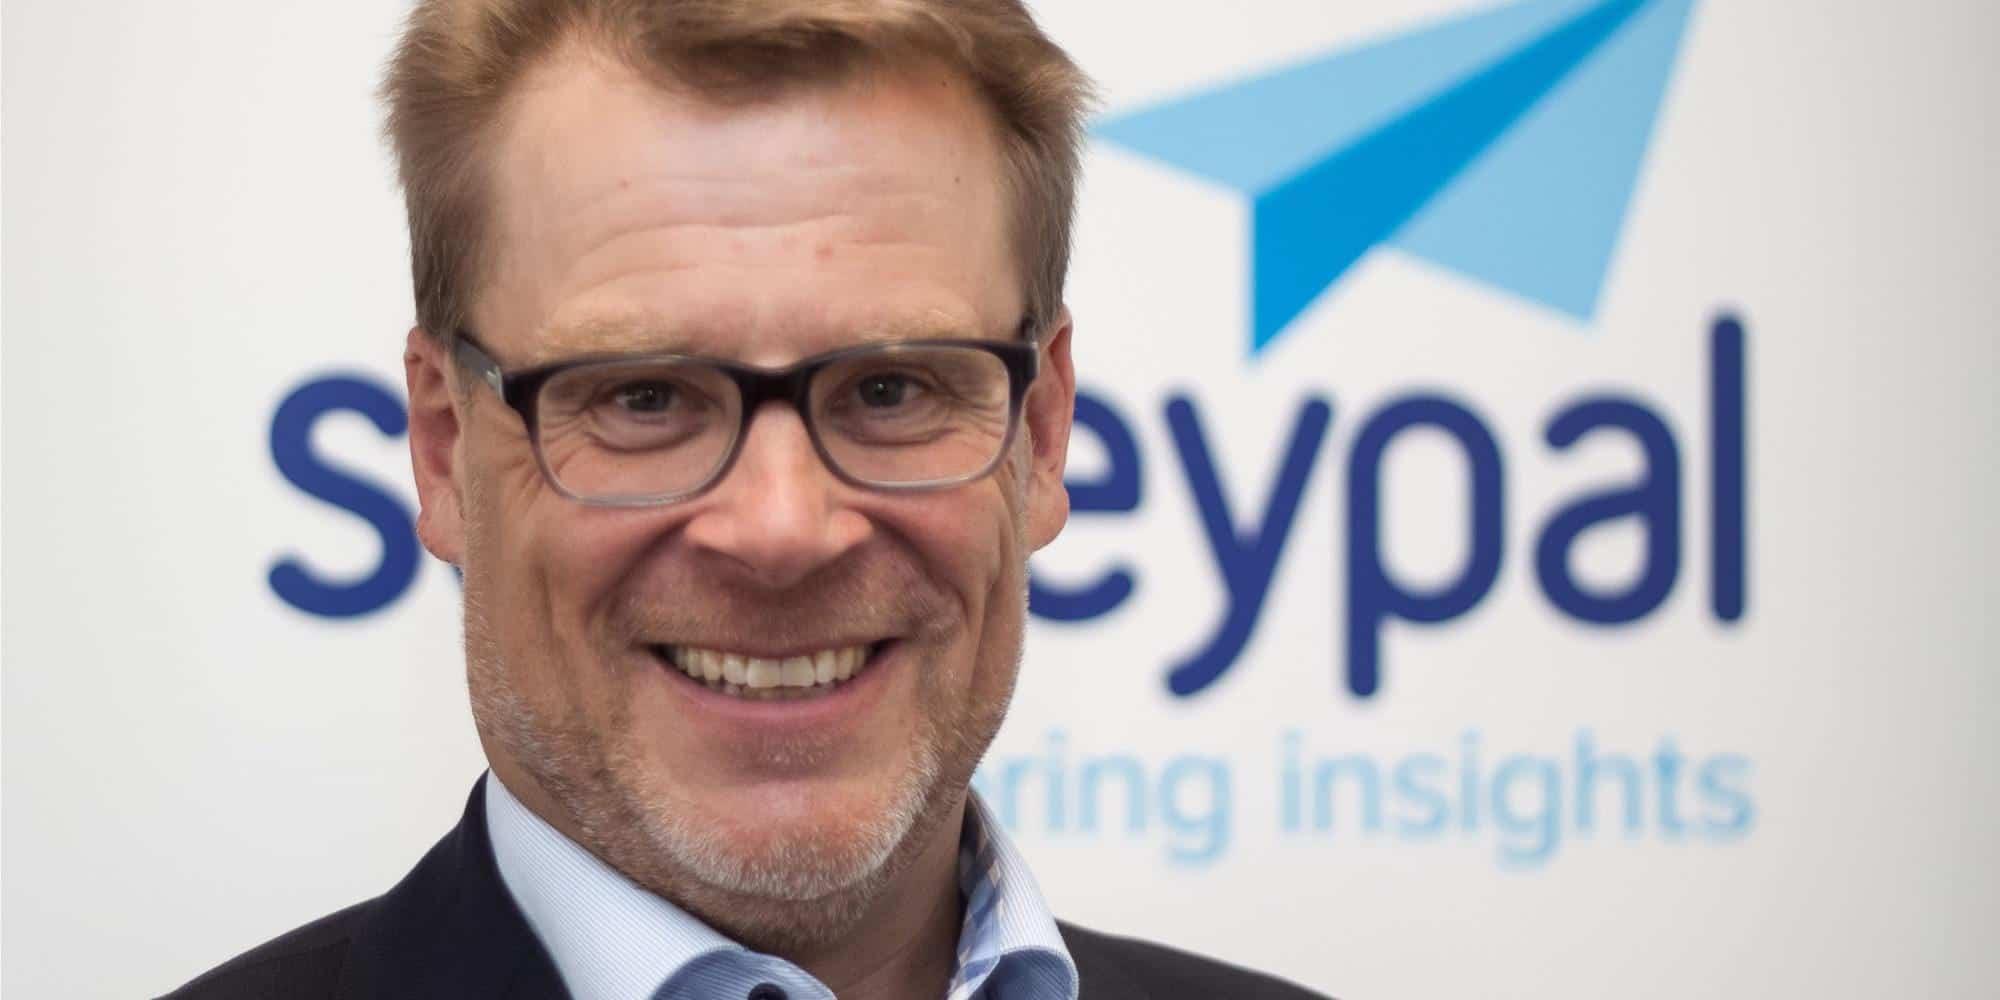 Surveypal CEO Tom Toivonen smiling at camera